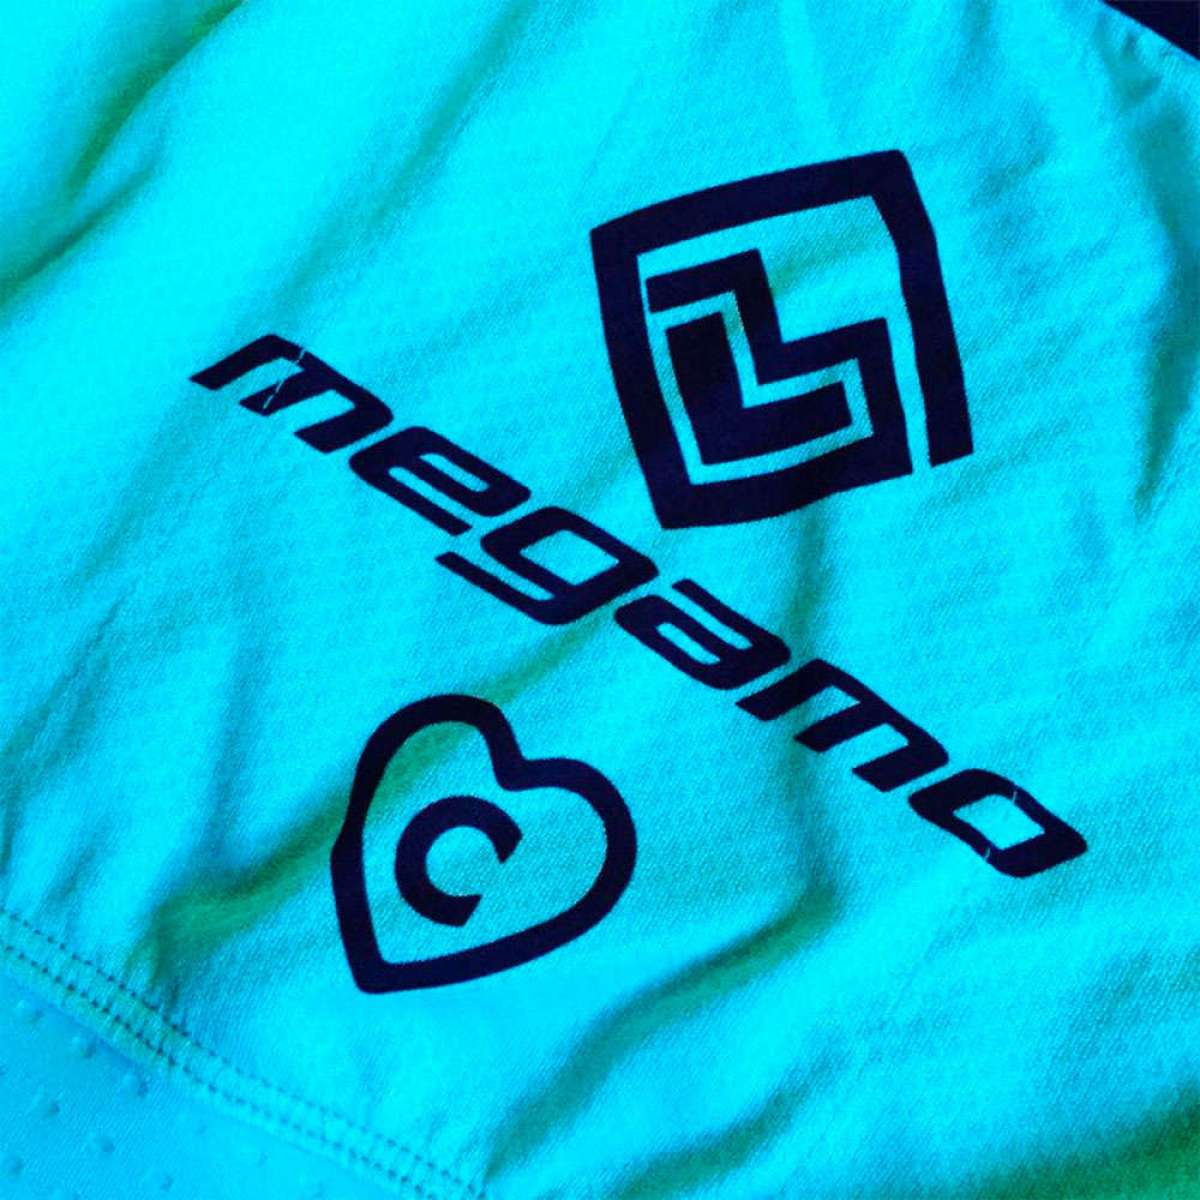 El Megamo UCI MTB Team ya es una realidad, con Clàudia Galicia y Jofre Cullell confirmados